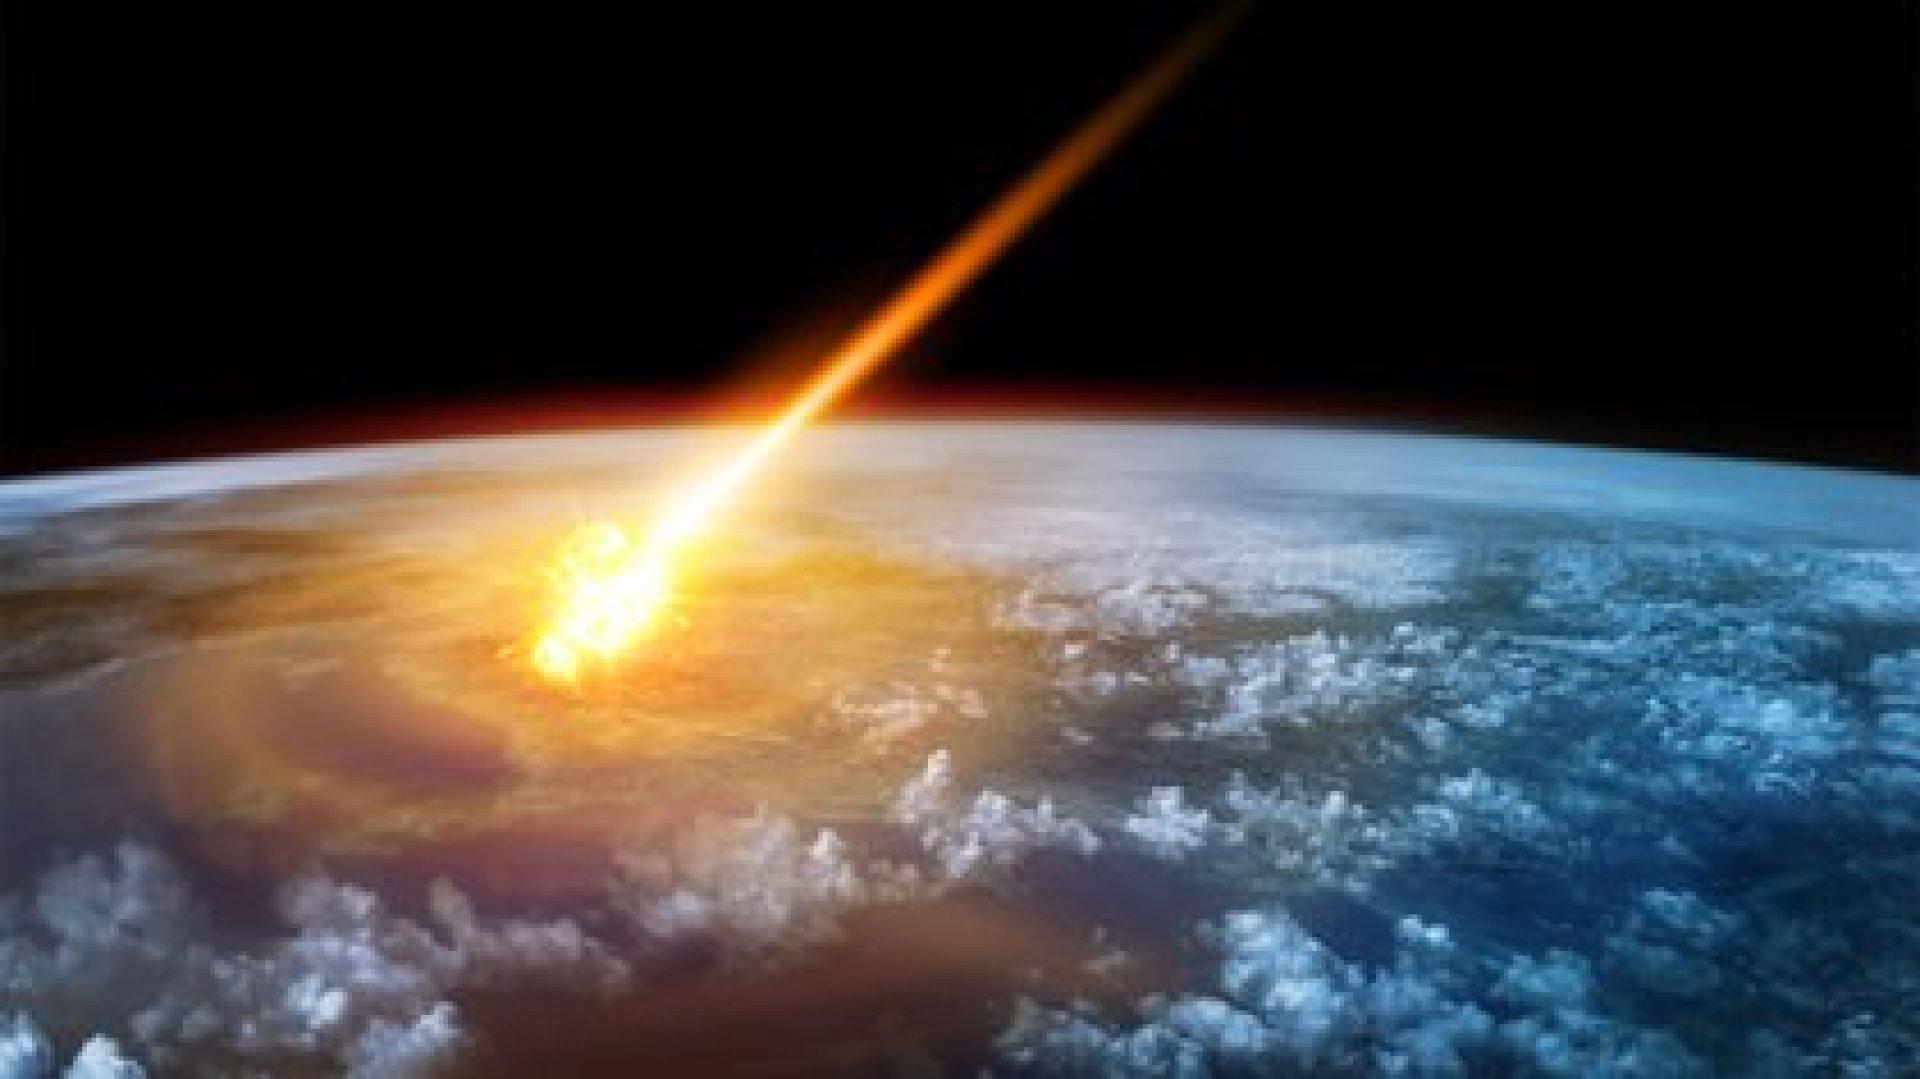 Su impacto en la Tierra podría causar una explosión equivalente a 230 kilotones de dinamita. Hay que calcular que la bomba de Hiroshima tenía solo 15 kilotones de poder. (Shutterstock)